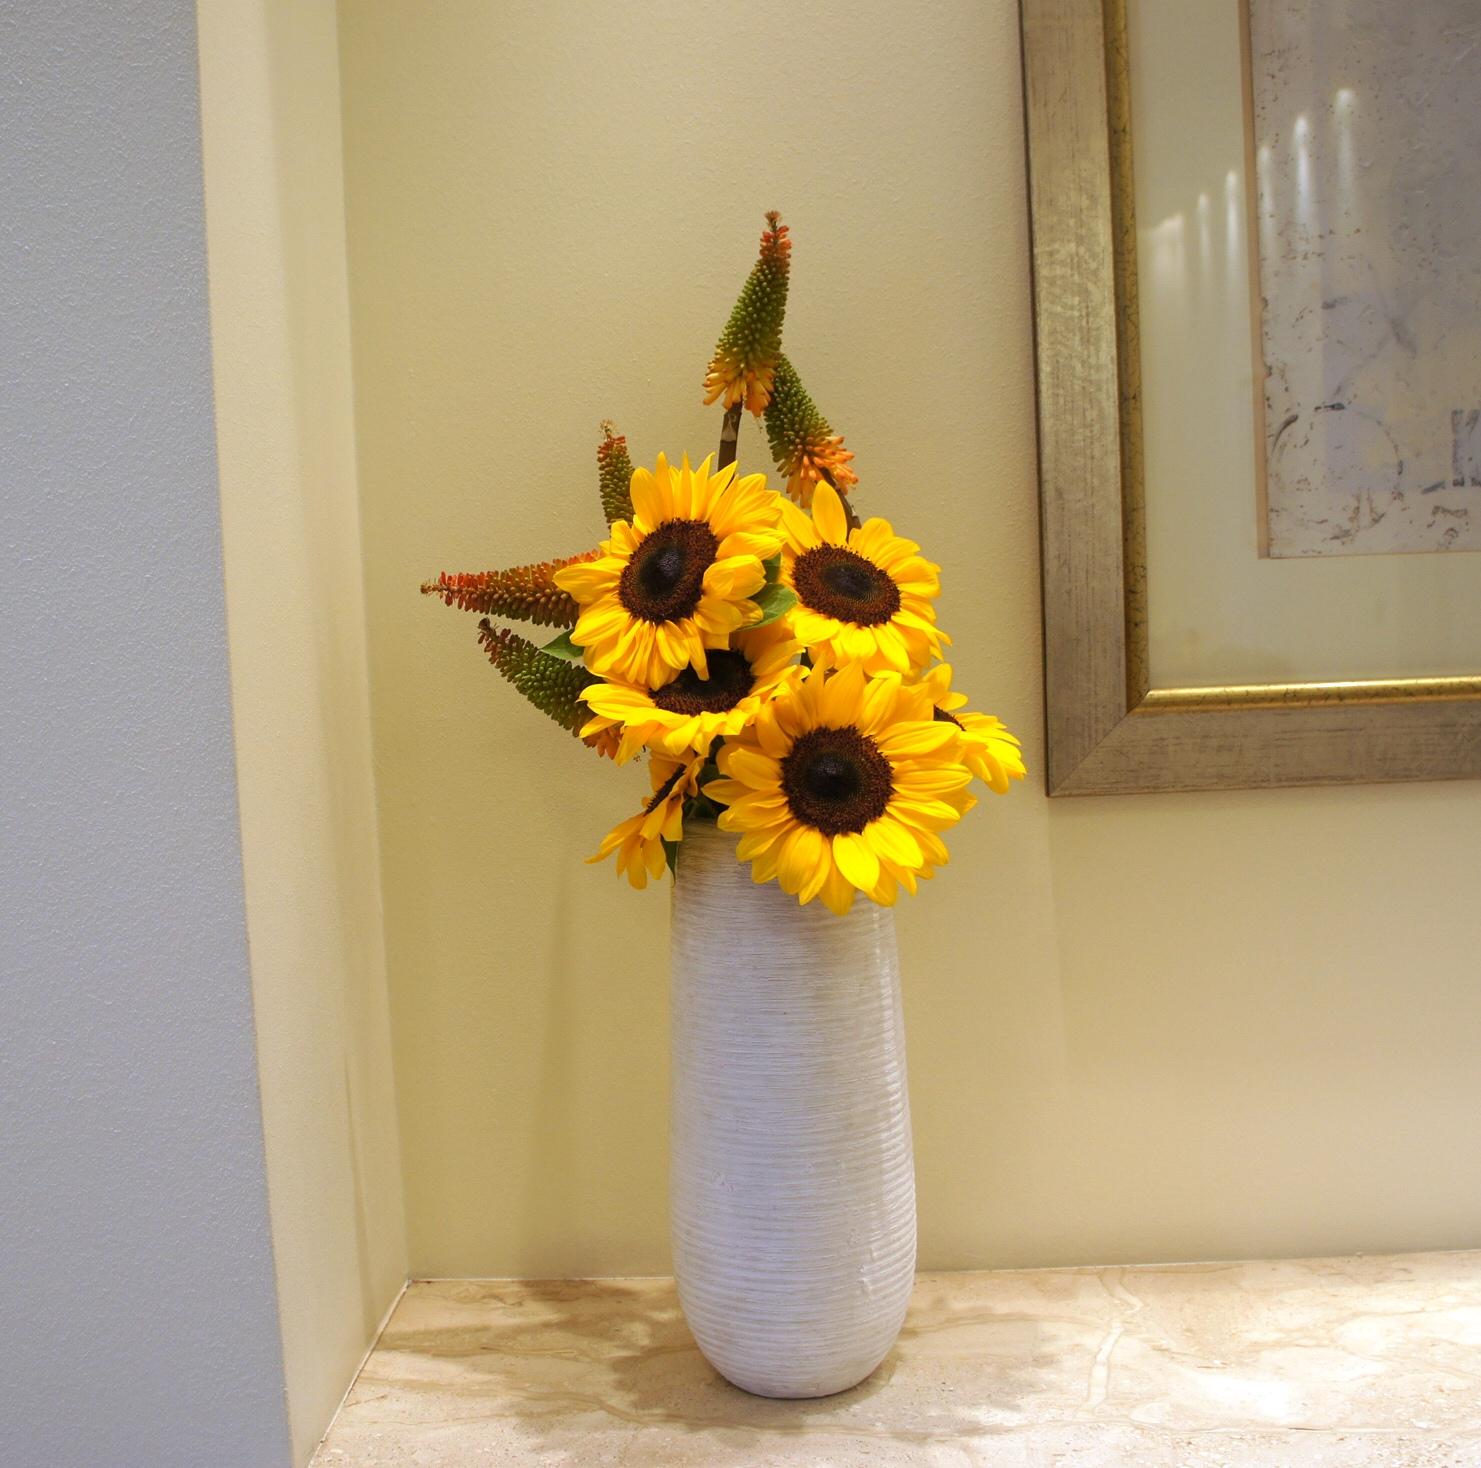 dekoracja rececpji ze słoneczników